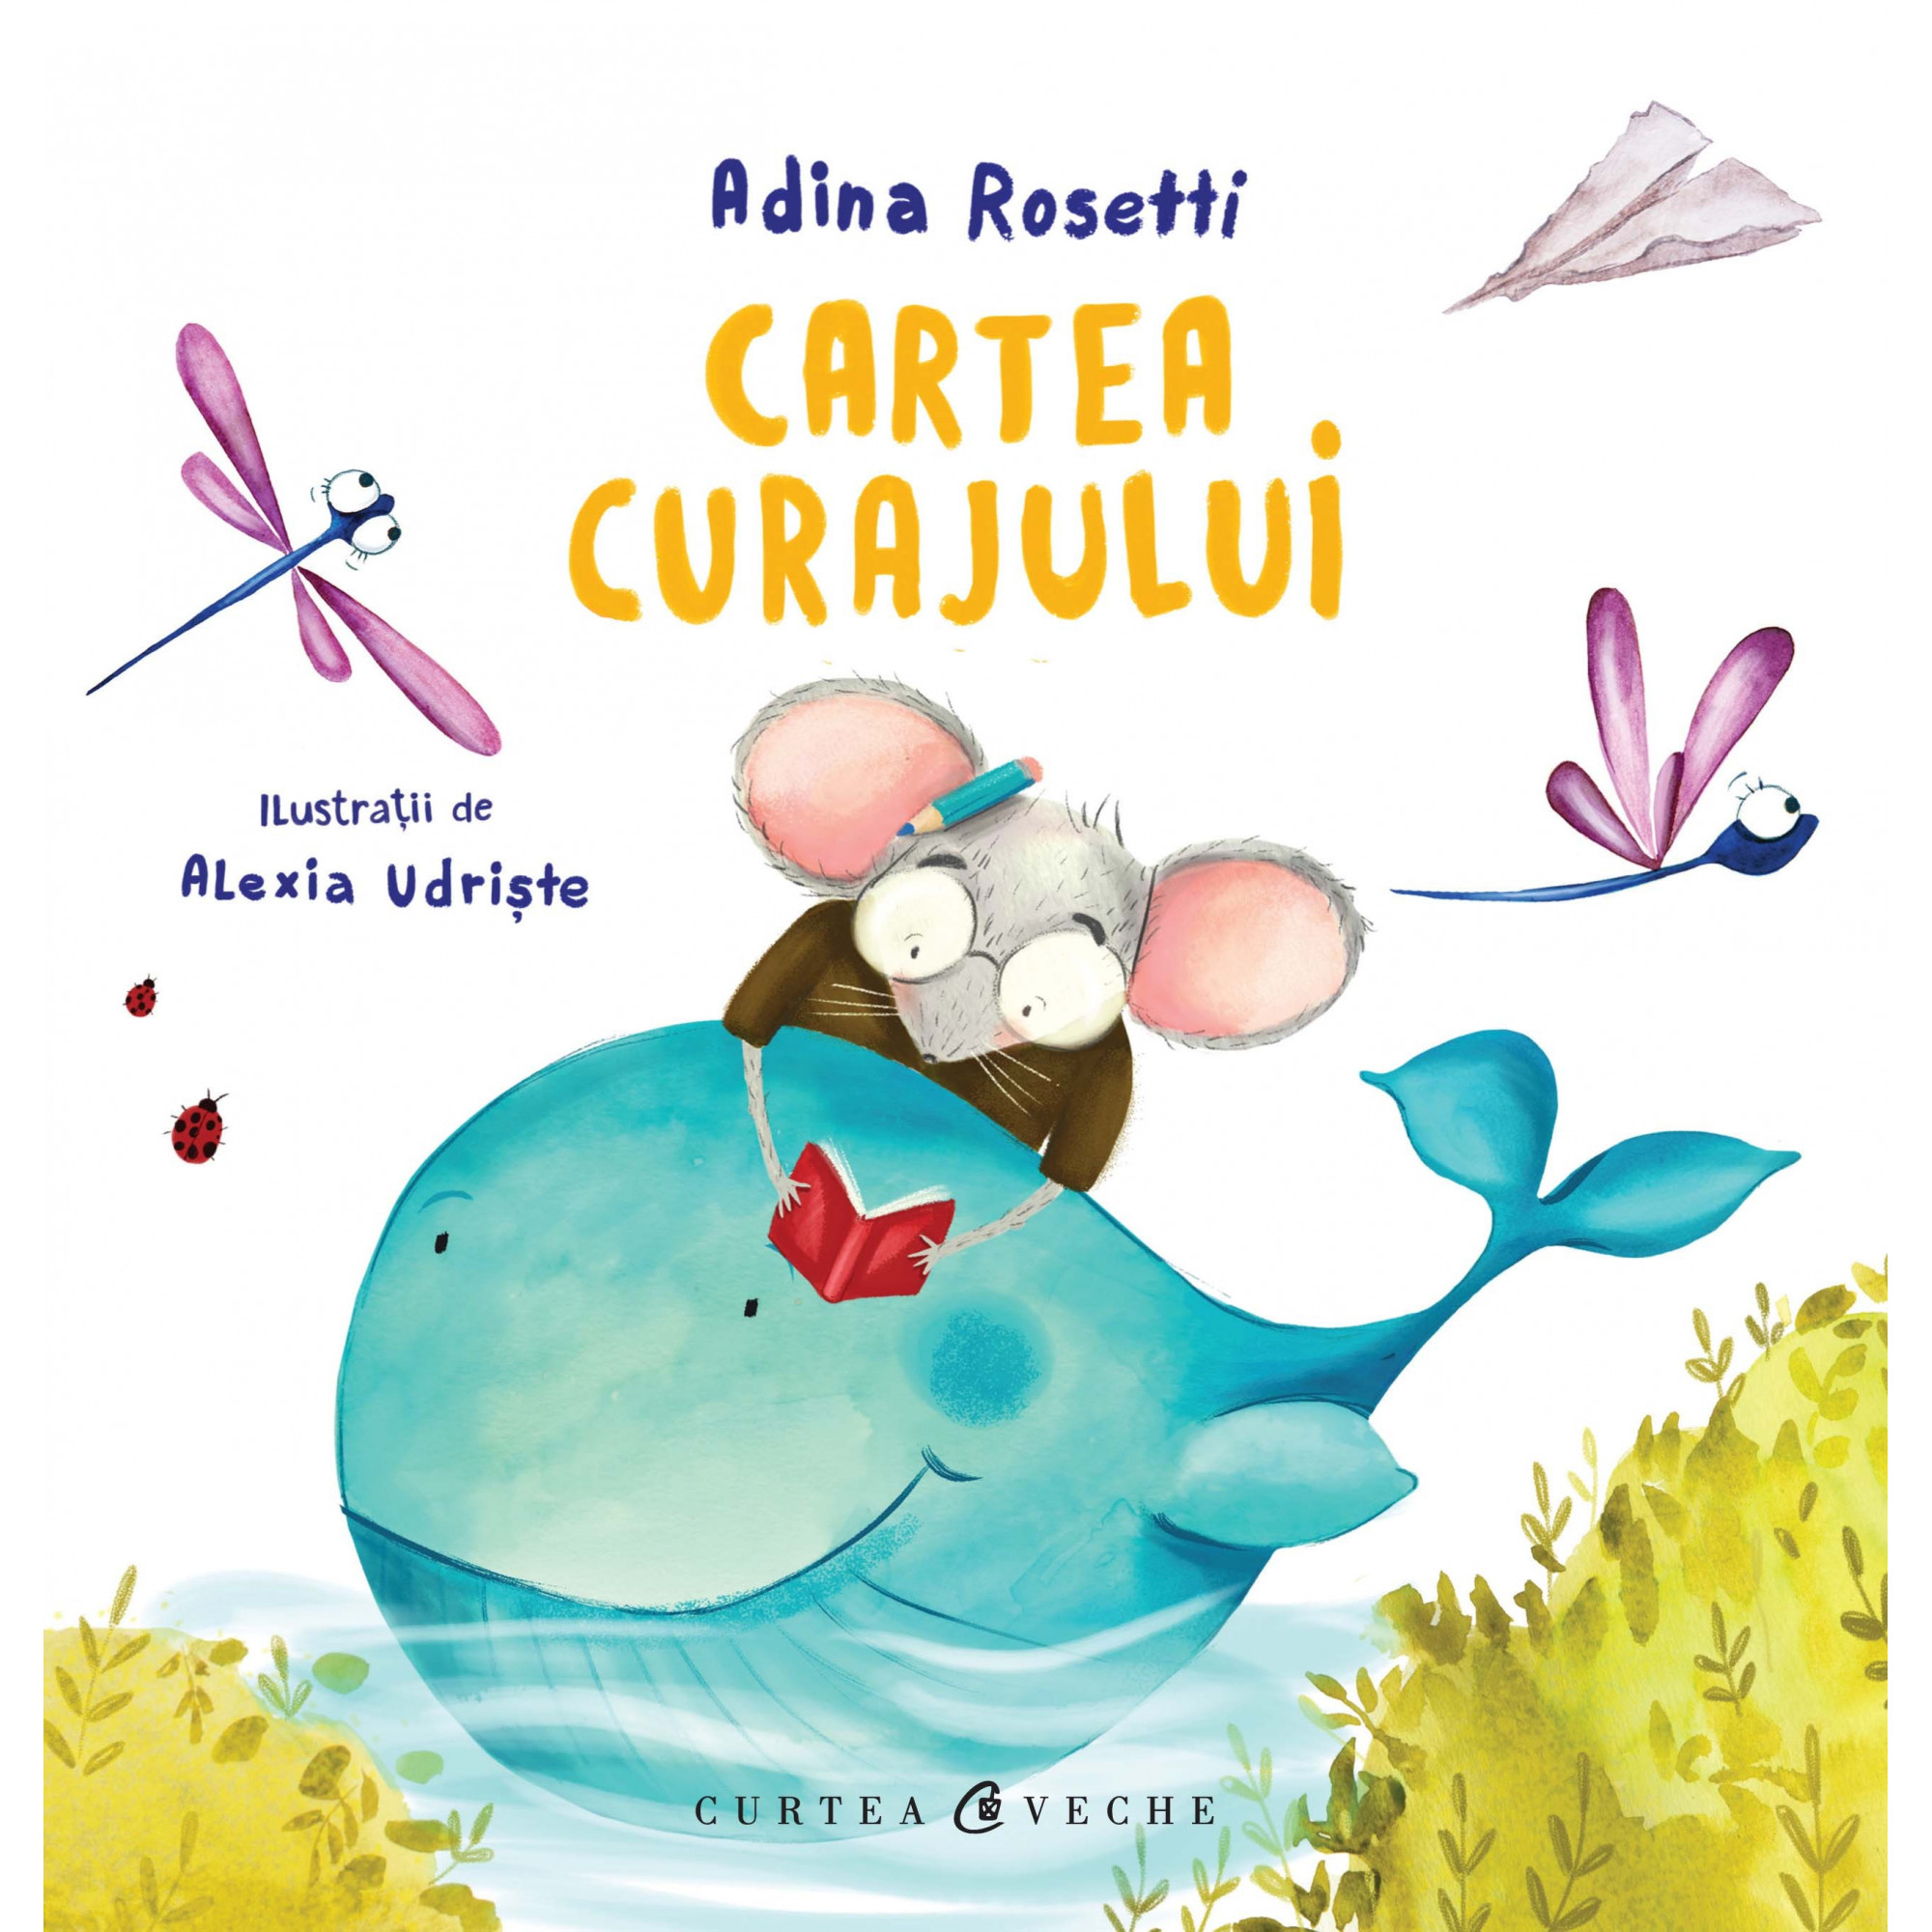 Cartea curajului; Adina Rosetti